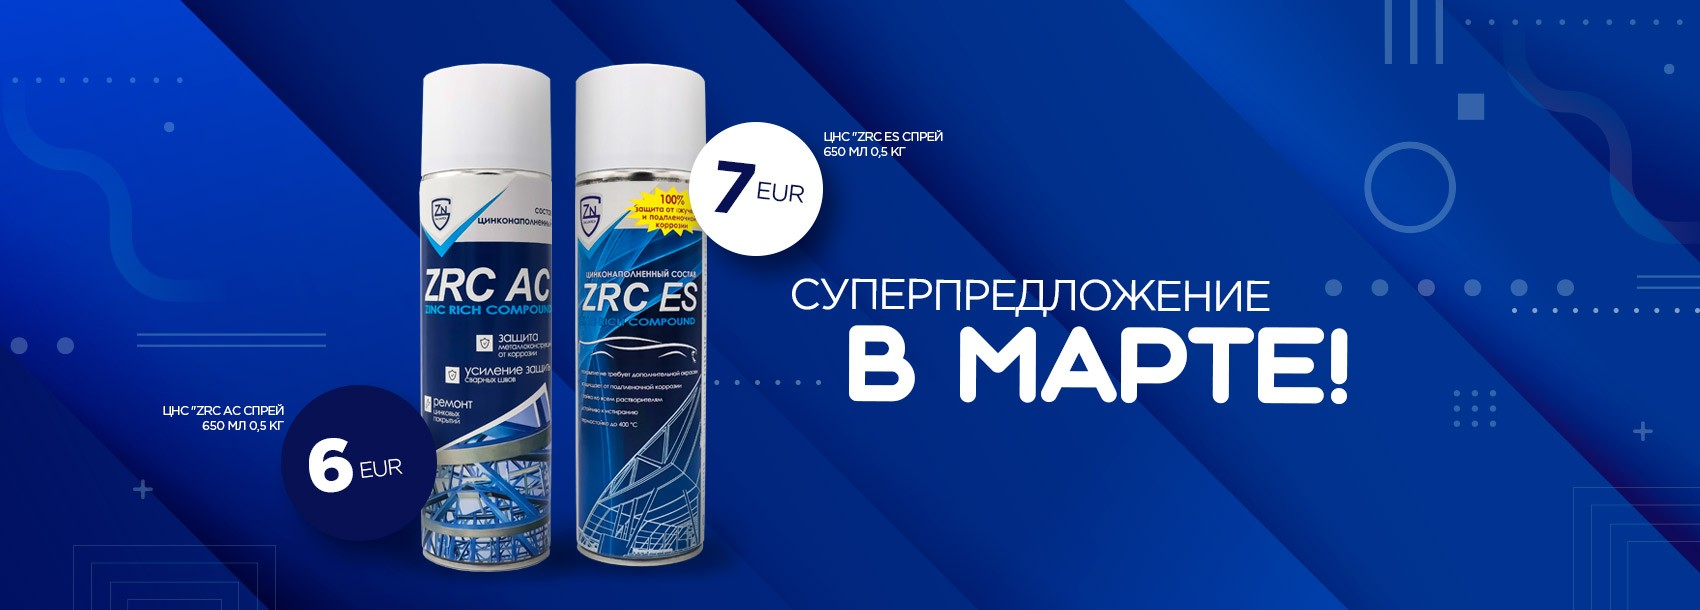 Суперпредложение в МАРТЕ – специальные цены на спреи ZRC